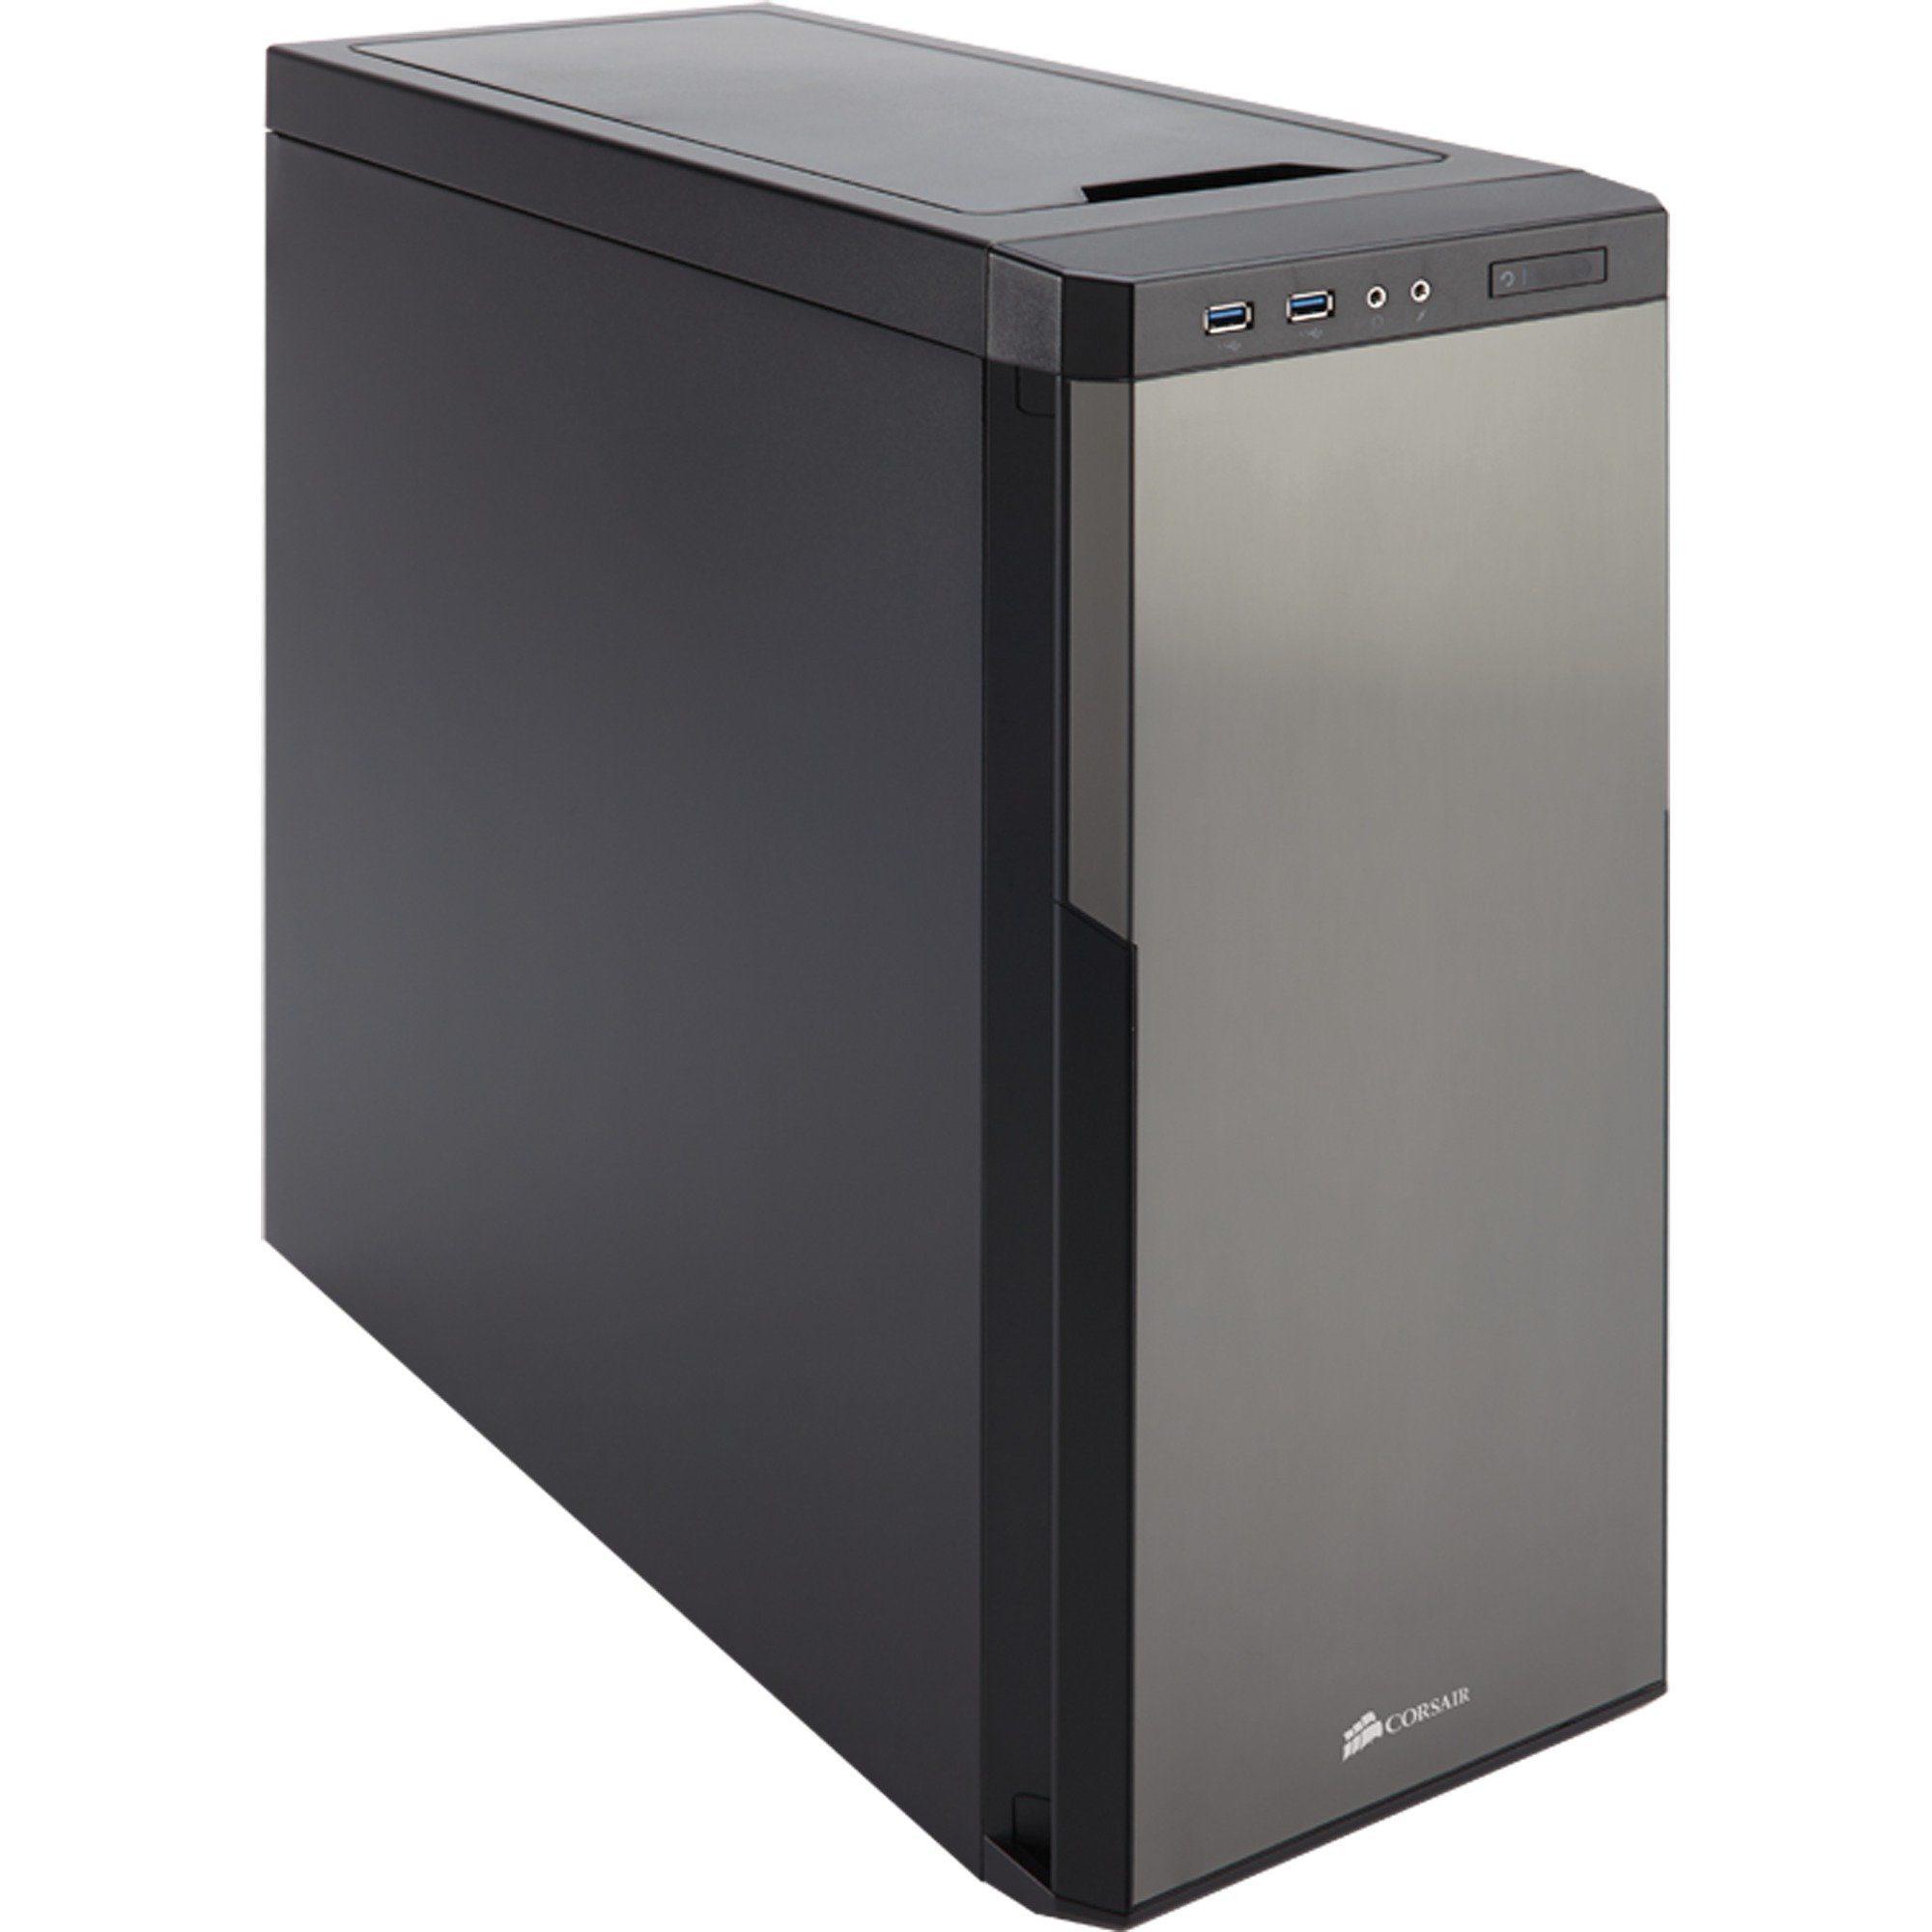 Corsair Tower-Gehäuse »Carbide Series 330R Titanium Edition Silent«